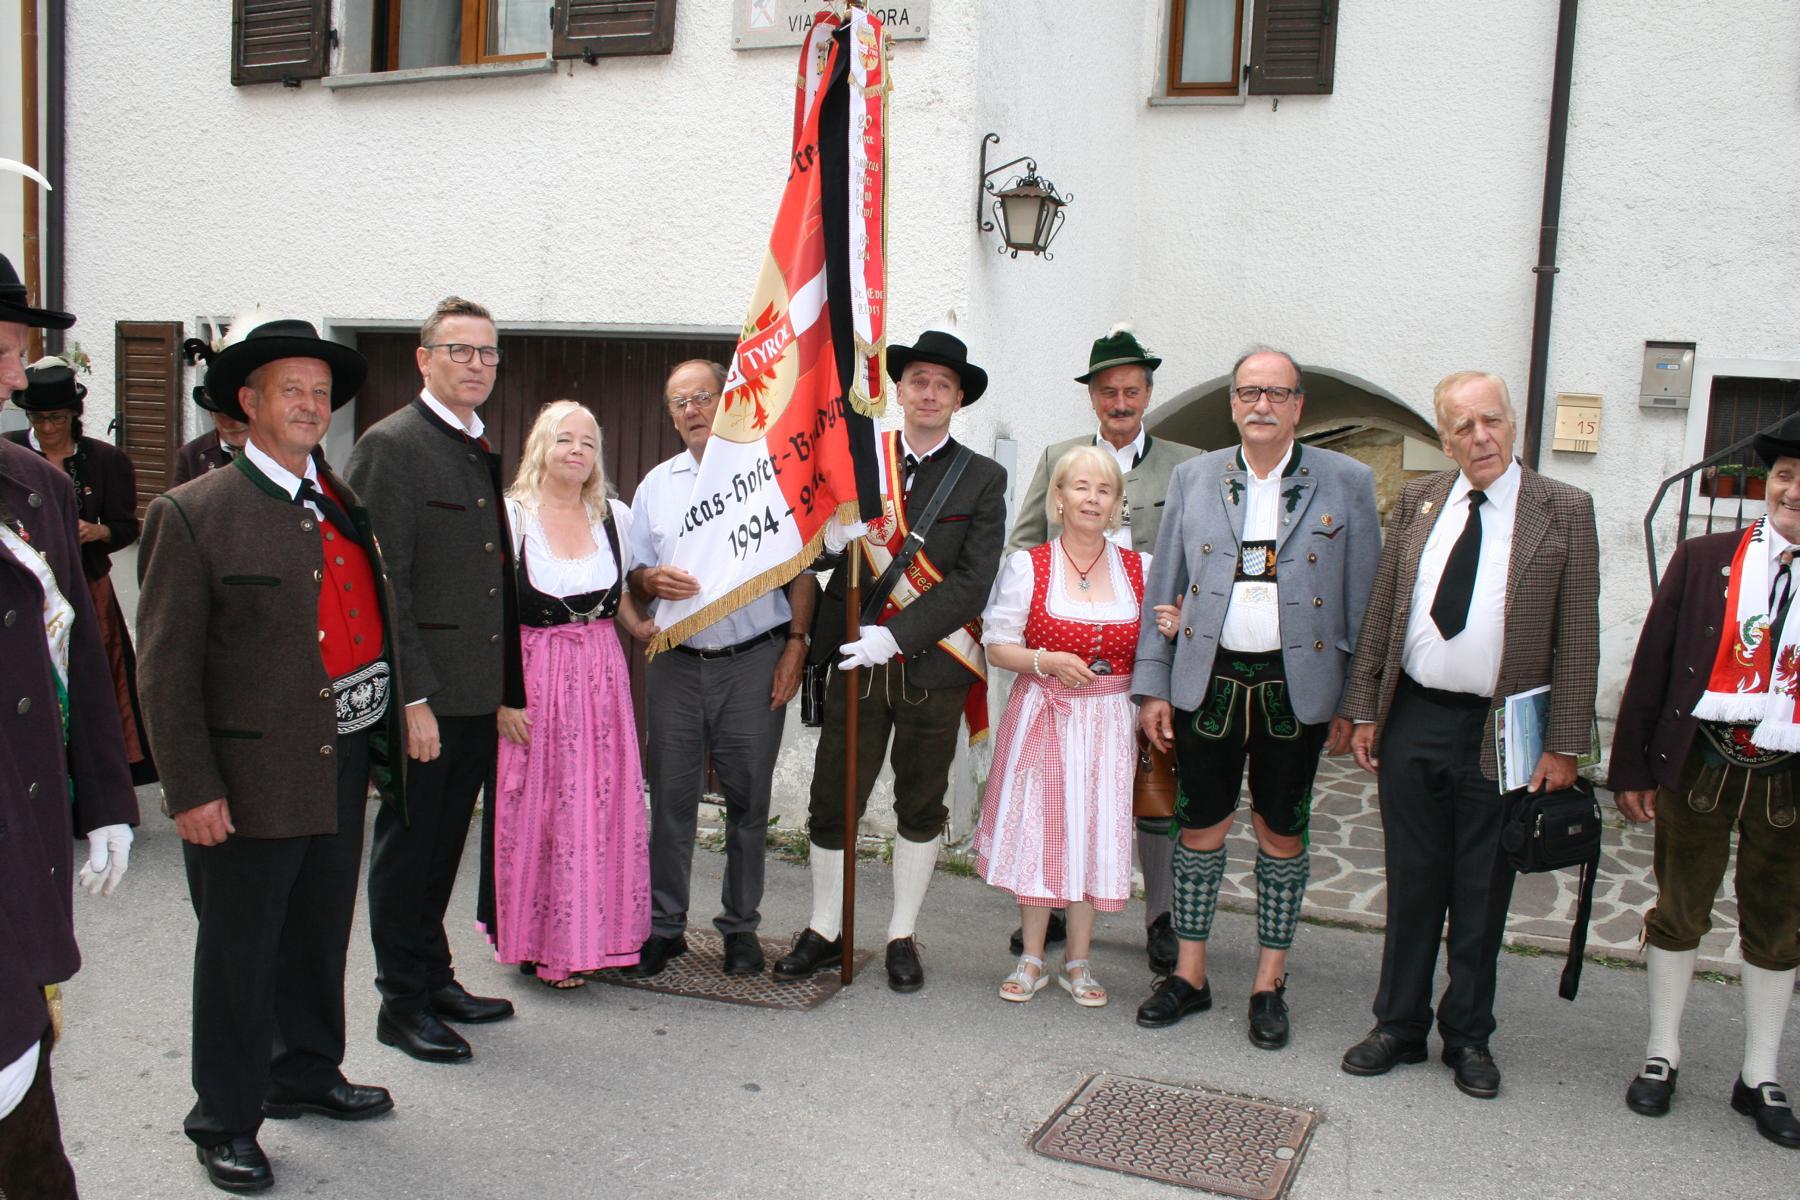 Andreas-Hofer-Bund feiert 100jähriges Bestehen